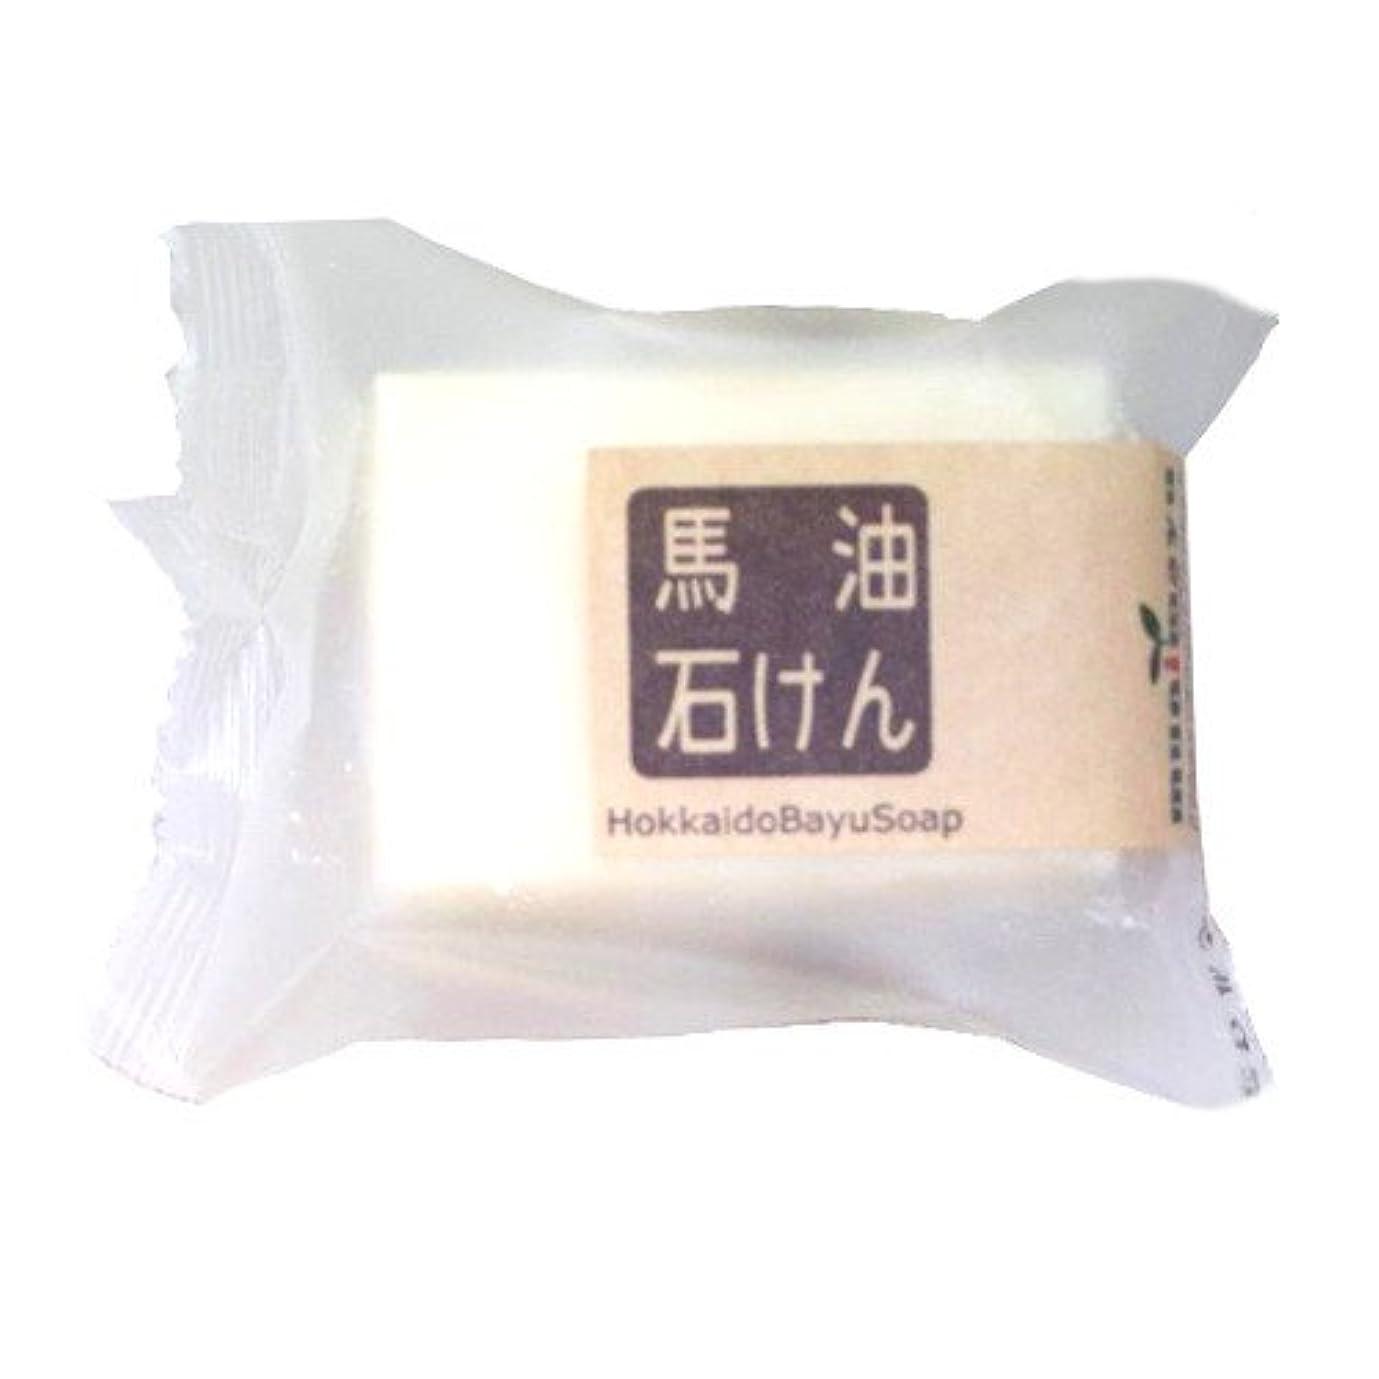 期待して素晴らしい良い多くの盆北海道馬油工房 北海道クリーミー馬油石鹸